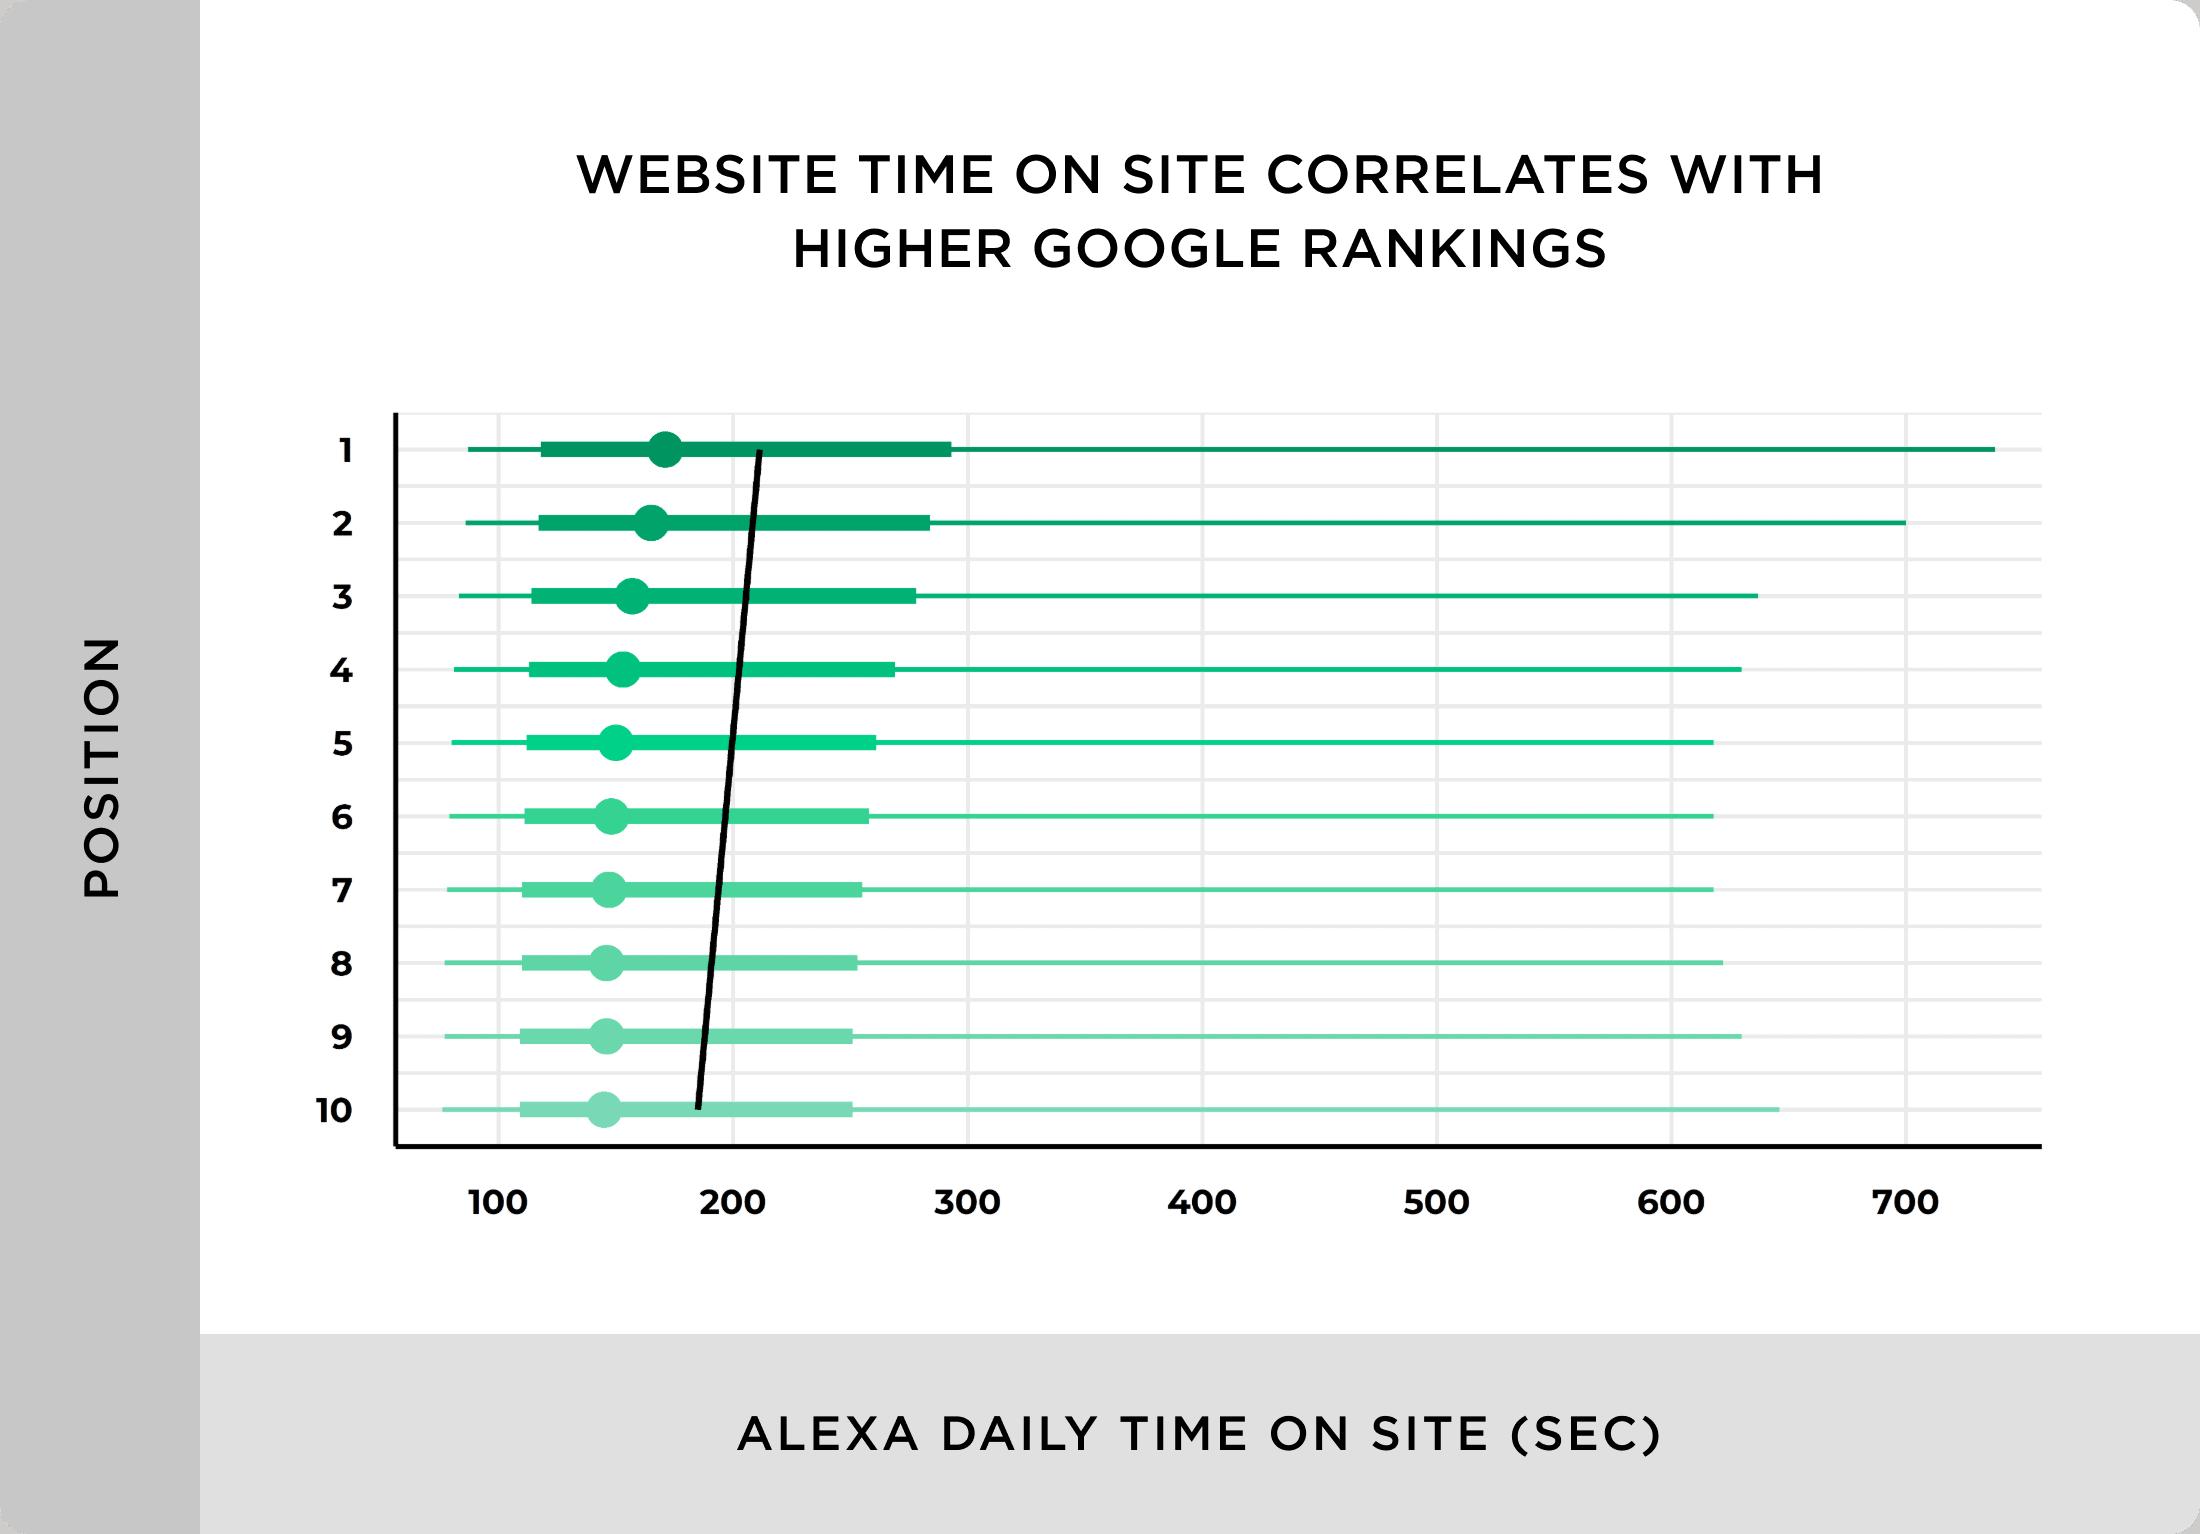 网站上的网站时间与谷歌排名的提高相关